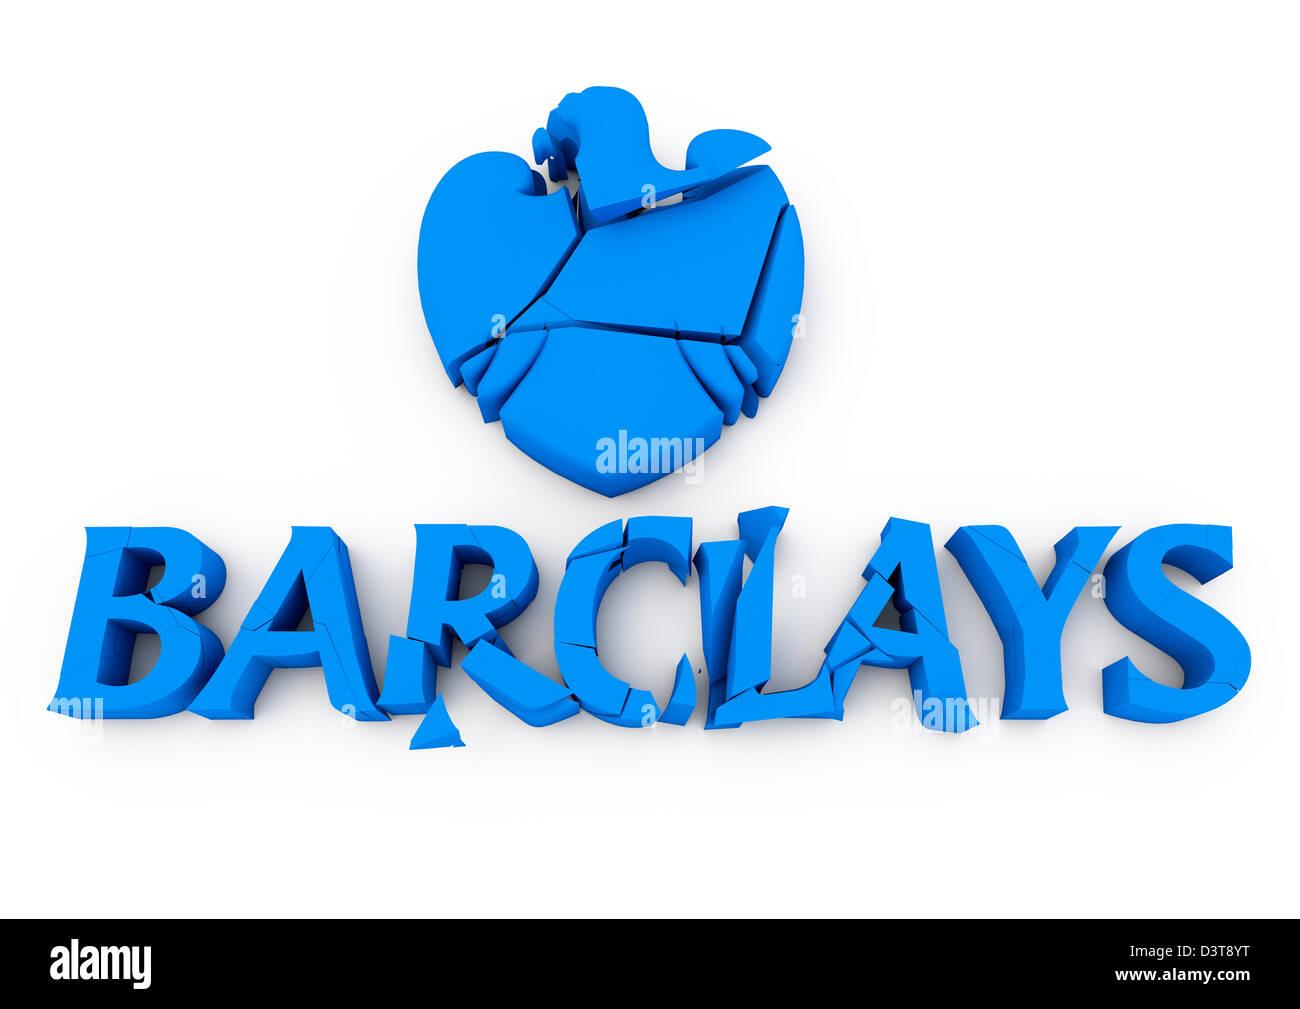 Barclays Bank Logo Stock Photos & Barclays Bank Logo Stock